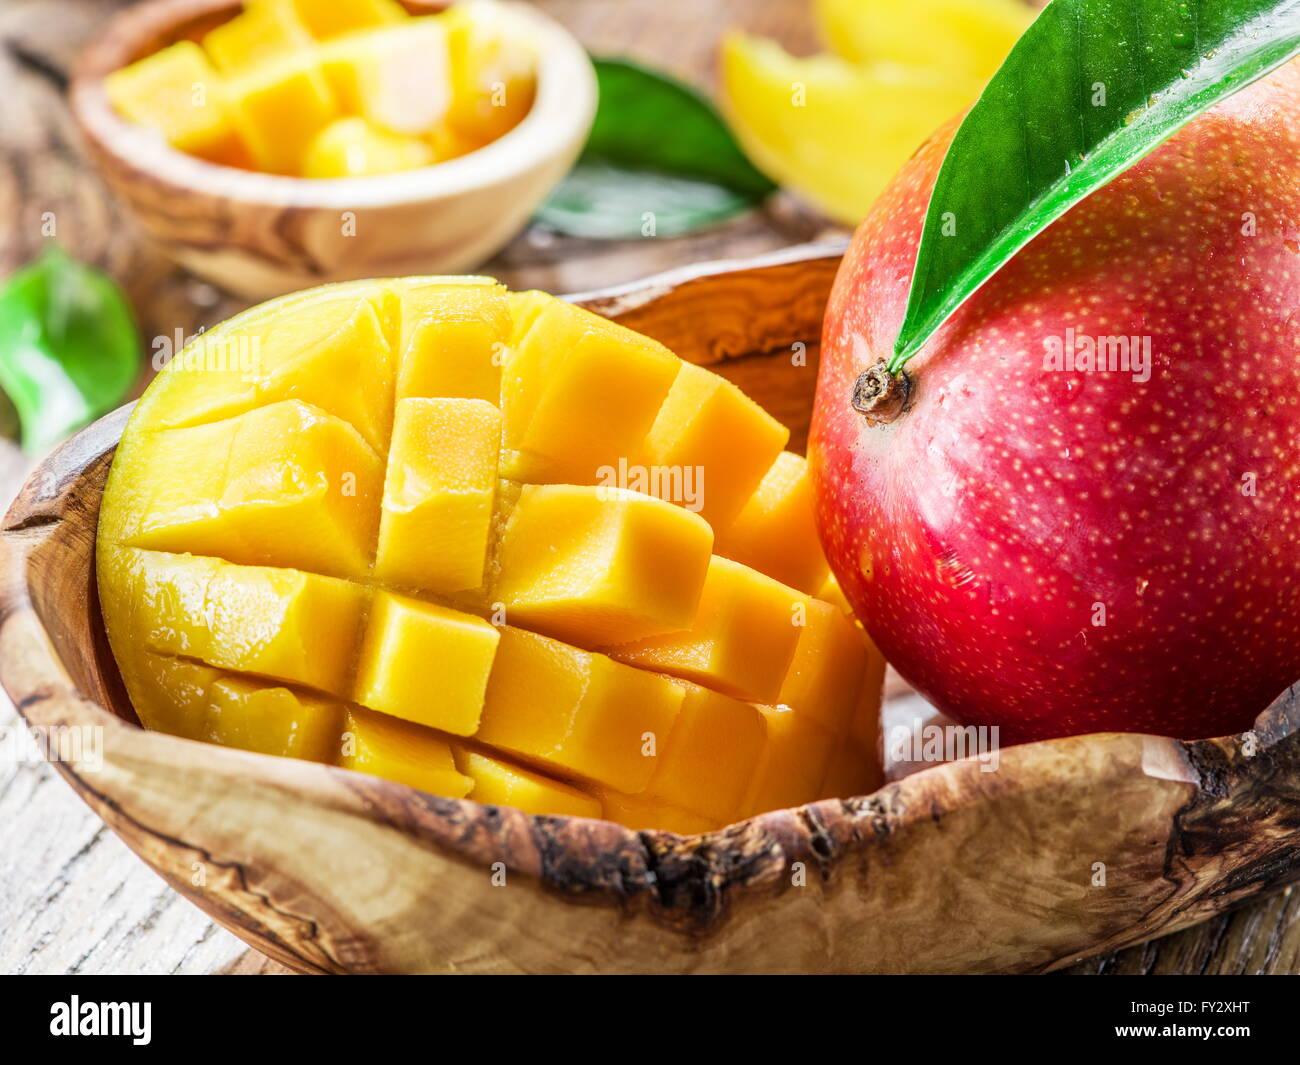 Mango-Frucht und Mango Würfel auf dem Holztisch. Stockbild